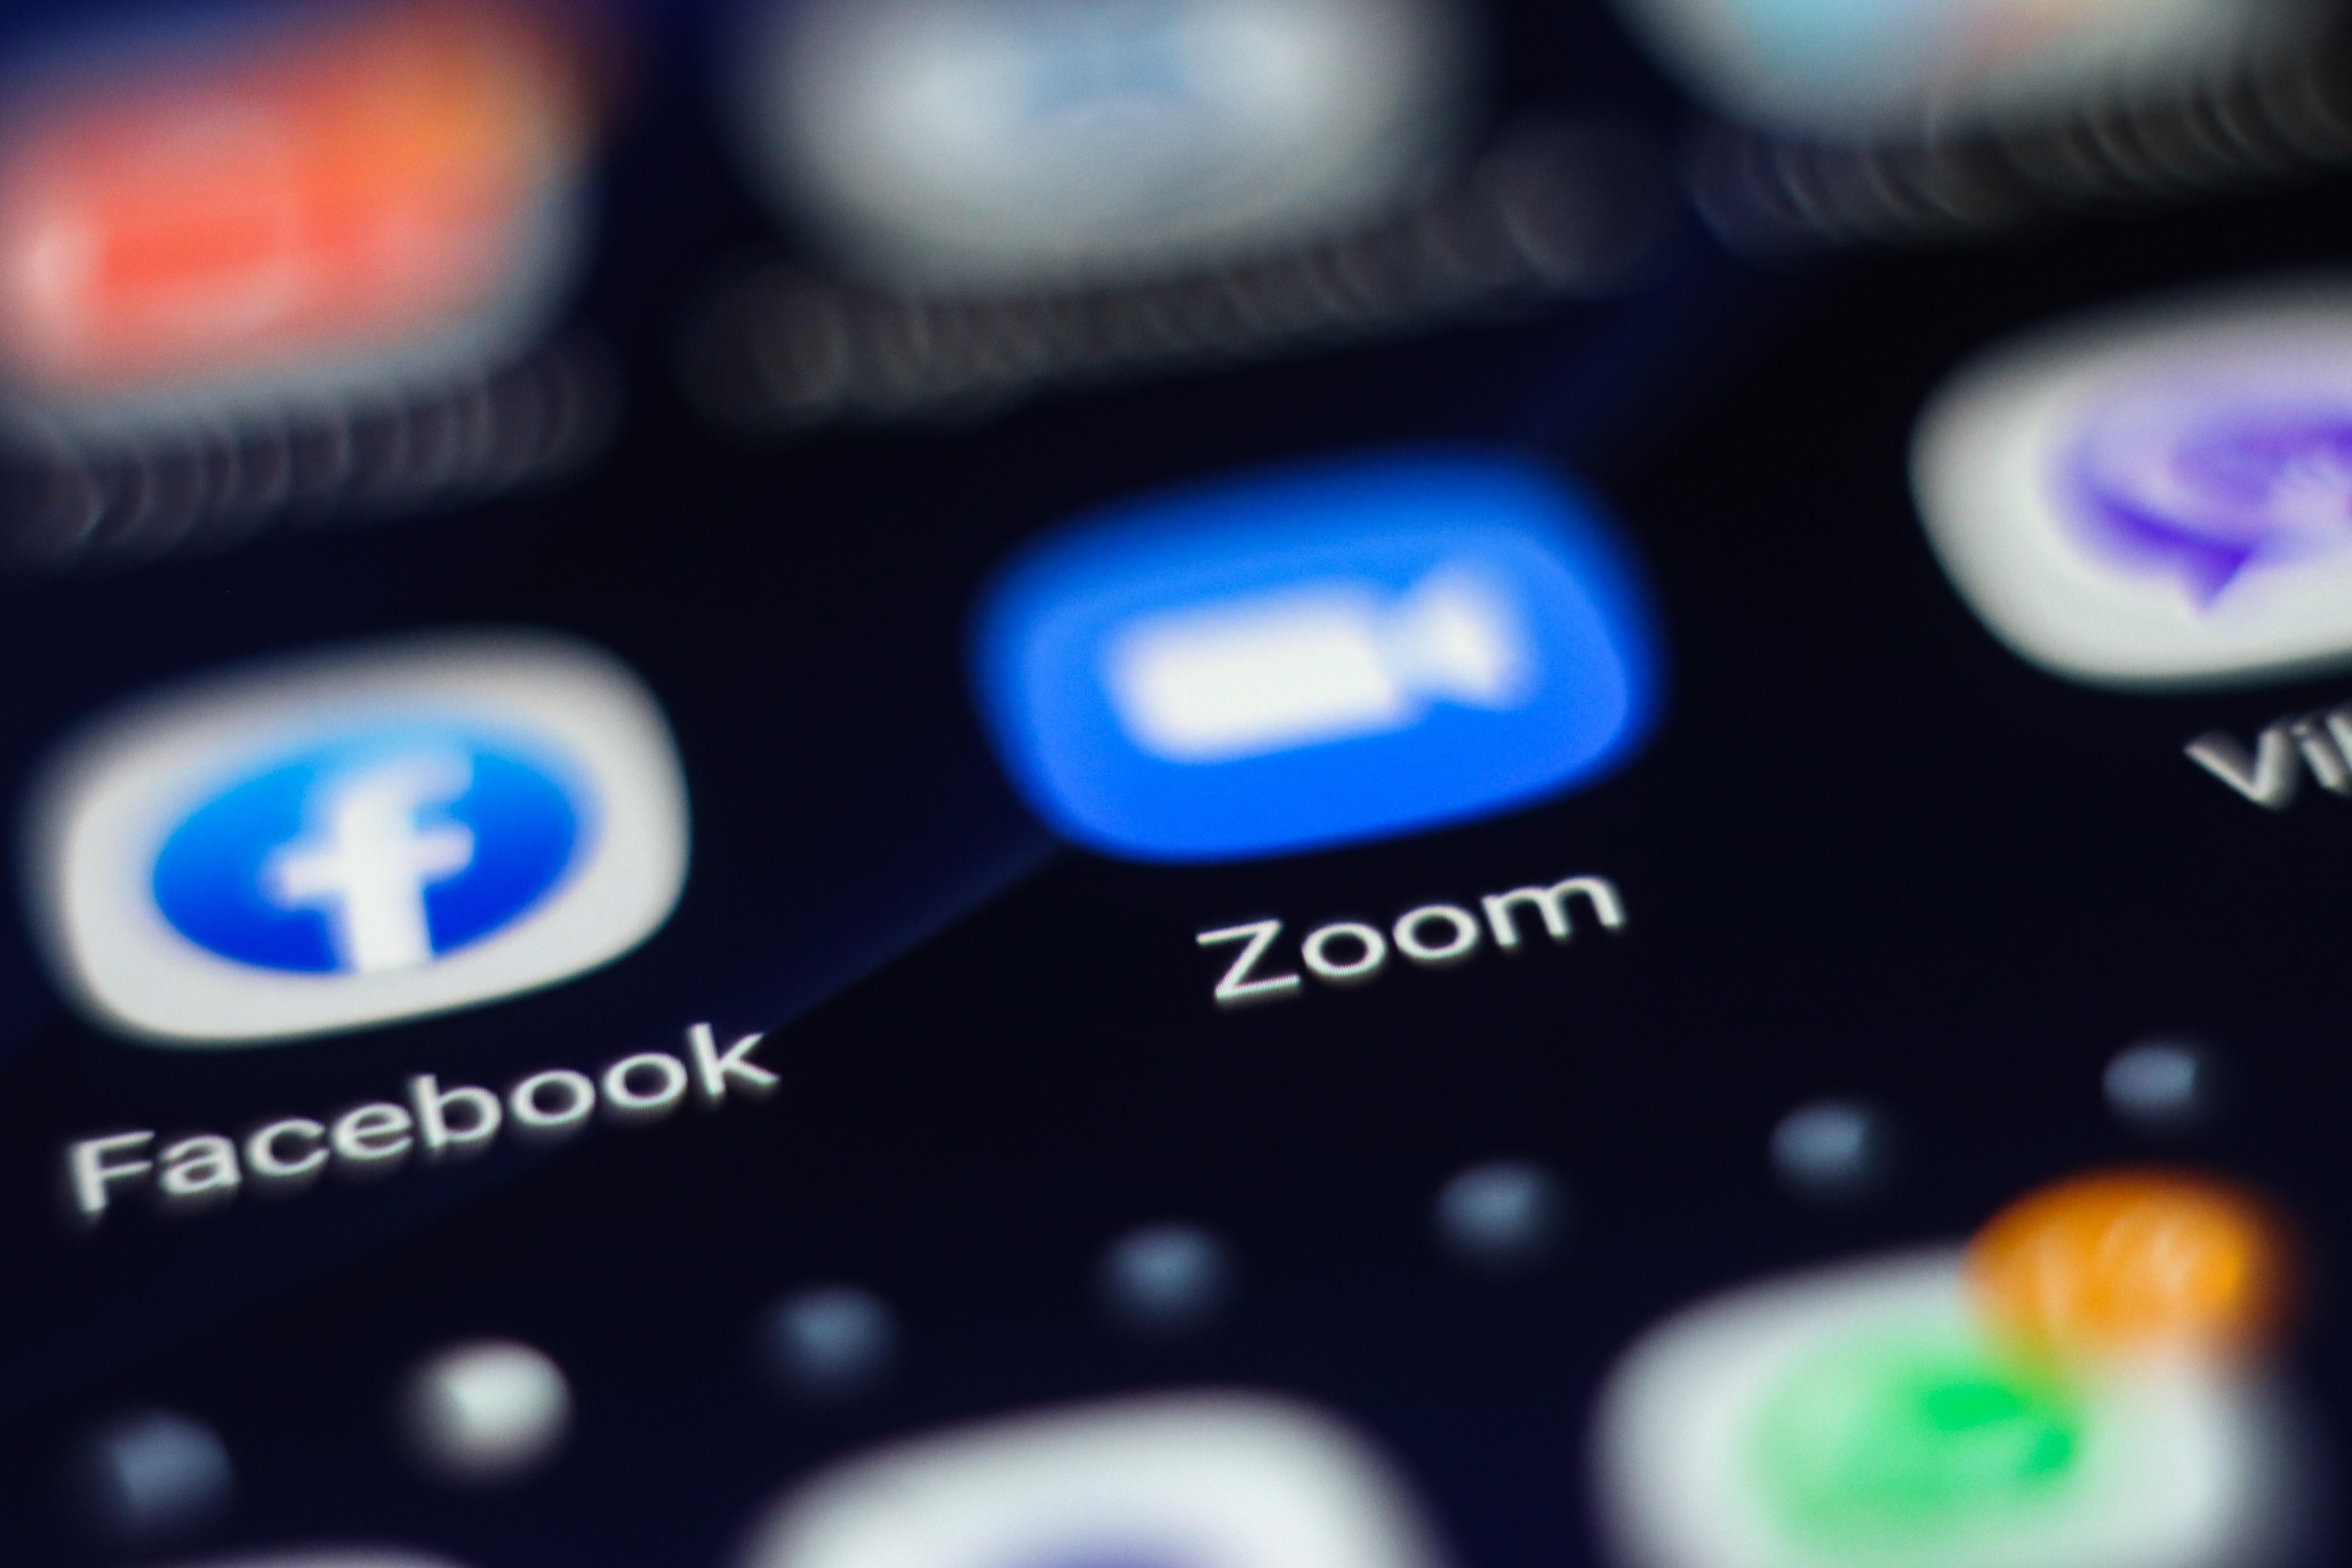 A Zoom letiltotta egy amerikai jogvédő szervezet fiókját, mert a Tienanmen téri mészárlásról videokonferenciáztak